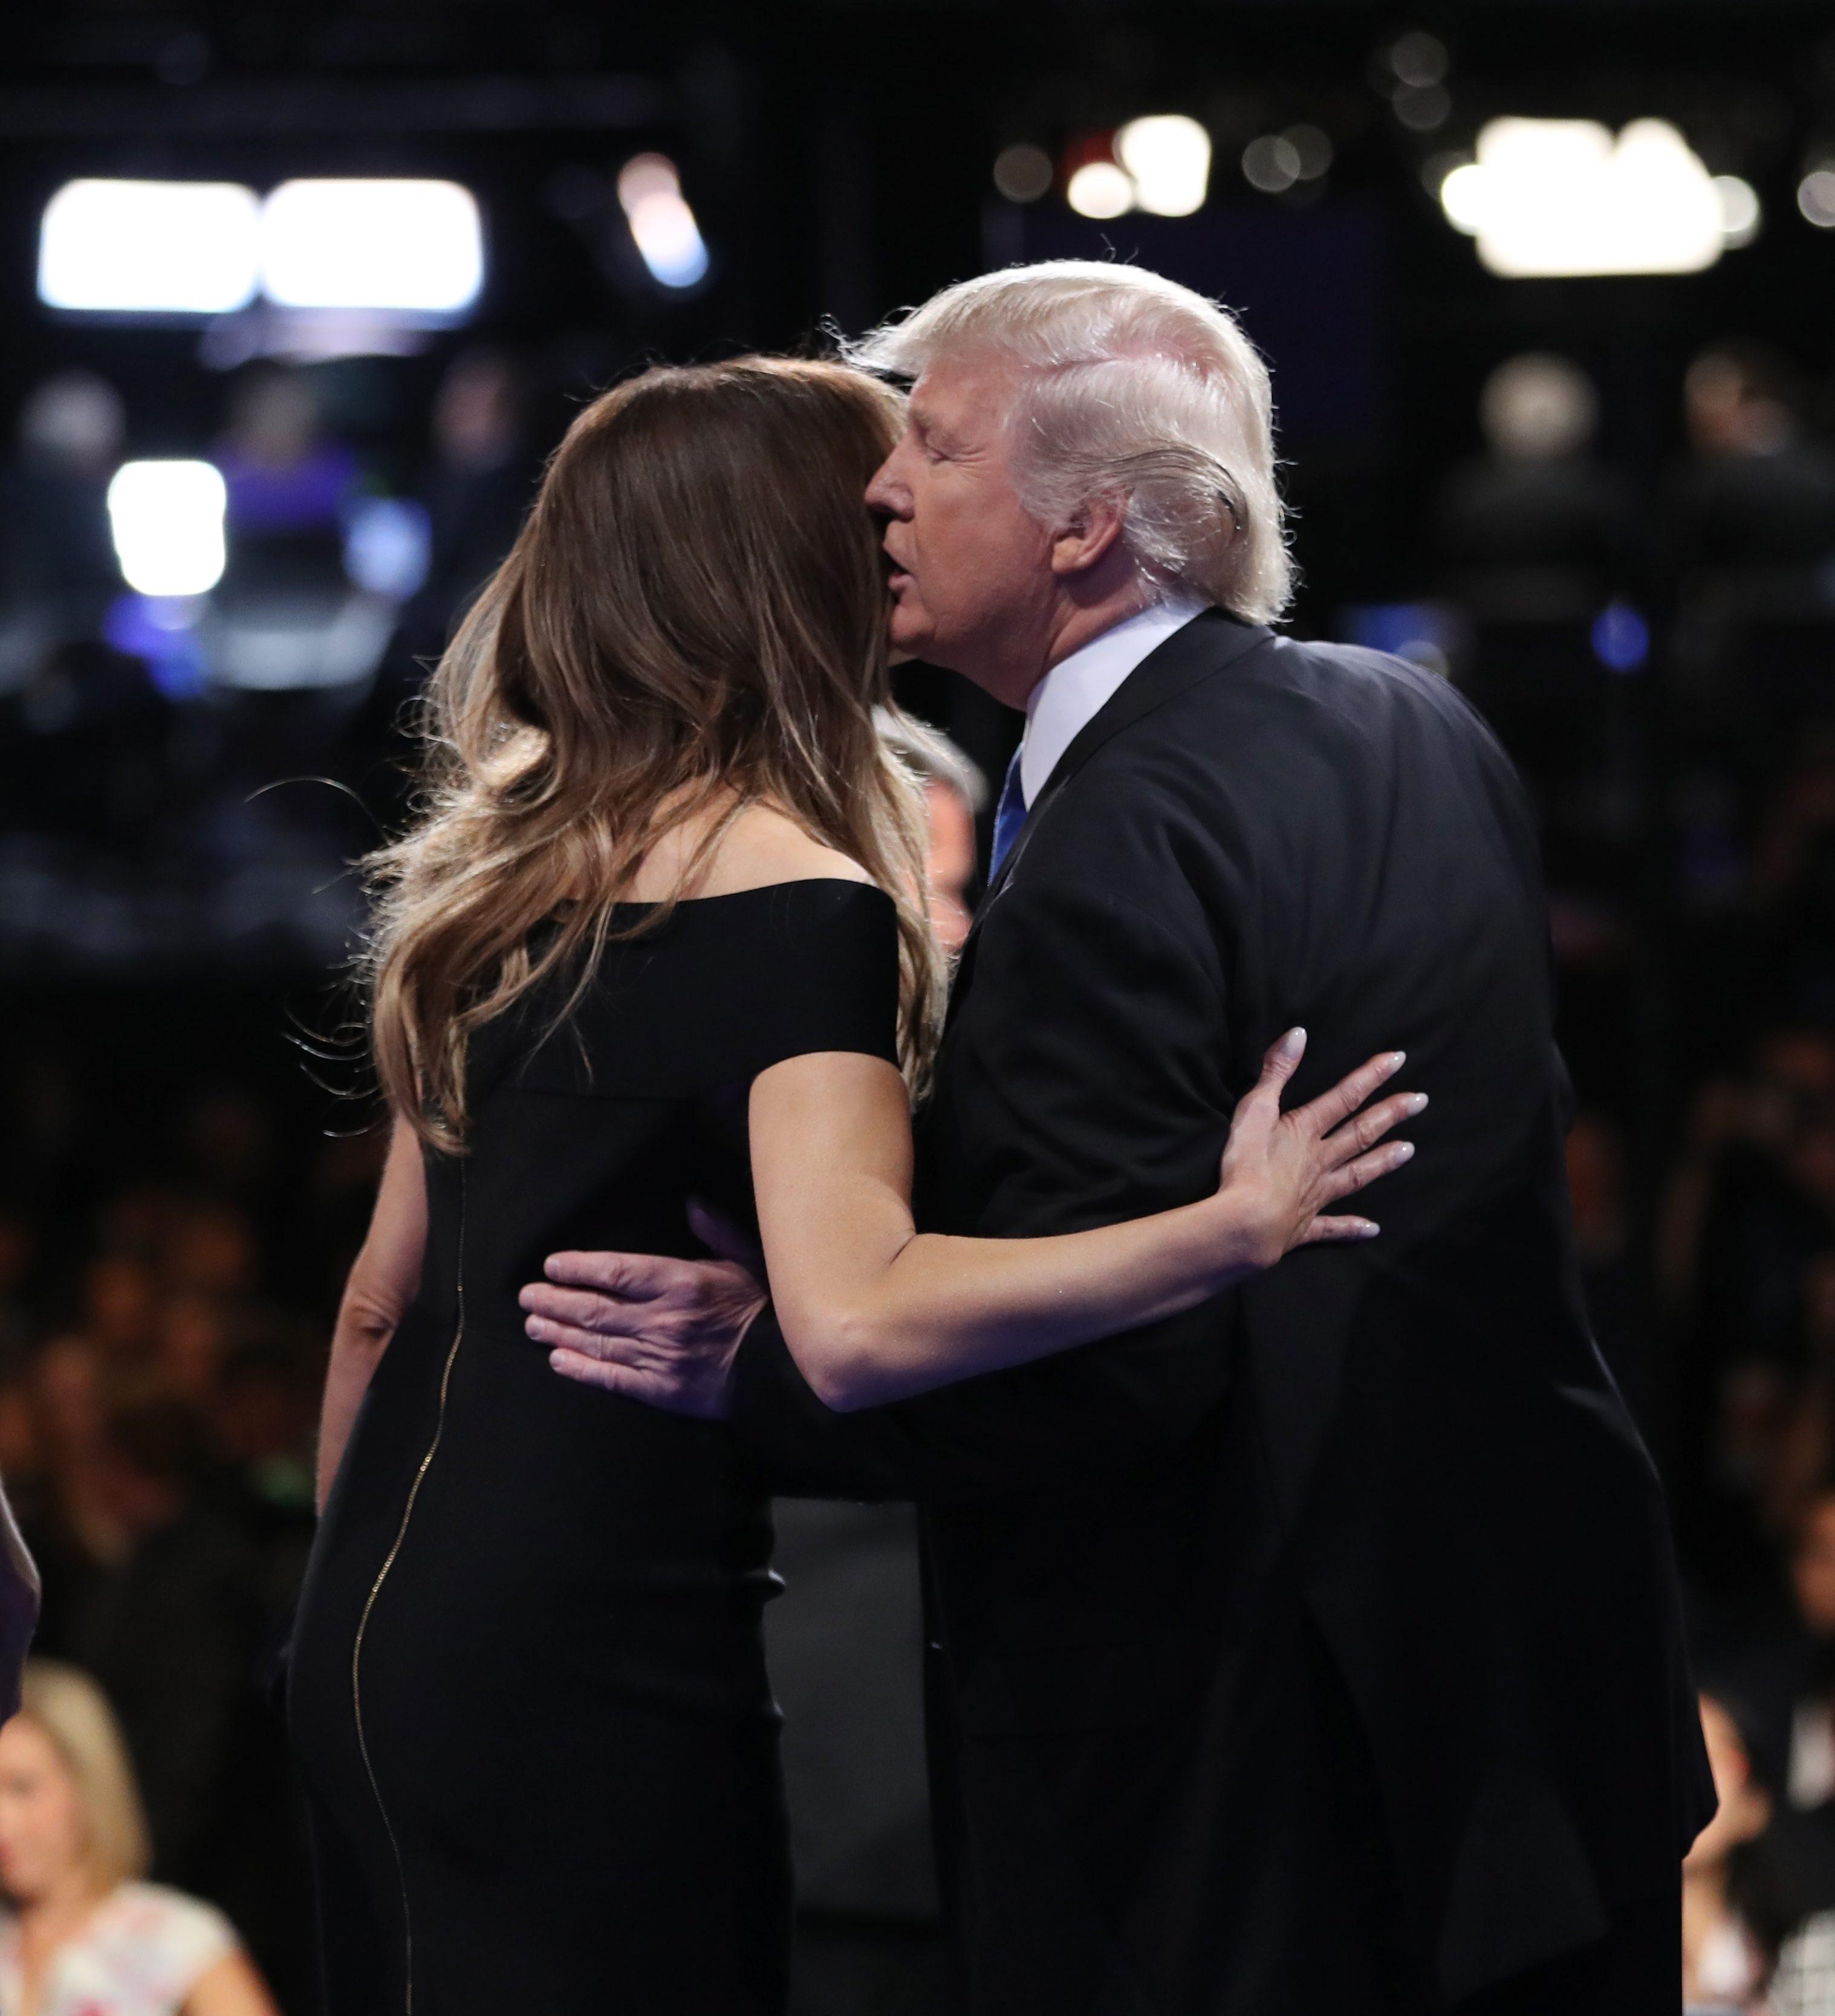 С учтиво ръкостискане започна първият телевизионен дебат по Си Ен Ен между двамата непримирими съперници за поста президент на САЩ. В крайна сметка обаче зрителите дадоха доверието си на Клинтън - според 62 на сто от тях тя е била по-убедителна. Републиканецът спечели 27 на сто одобрение.